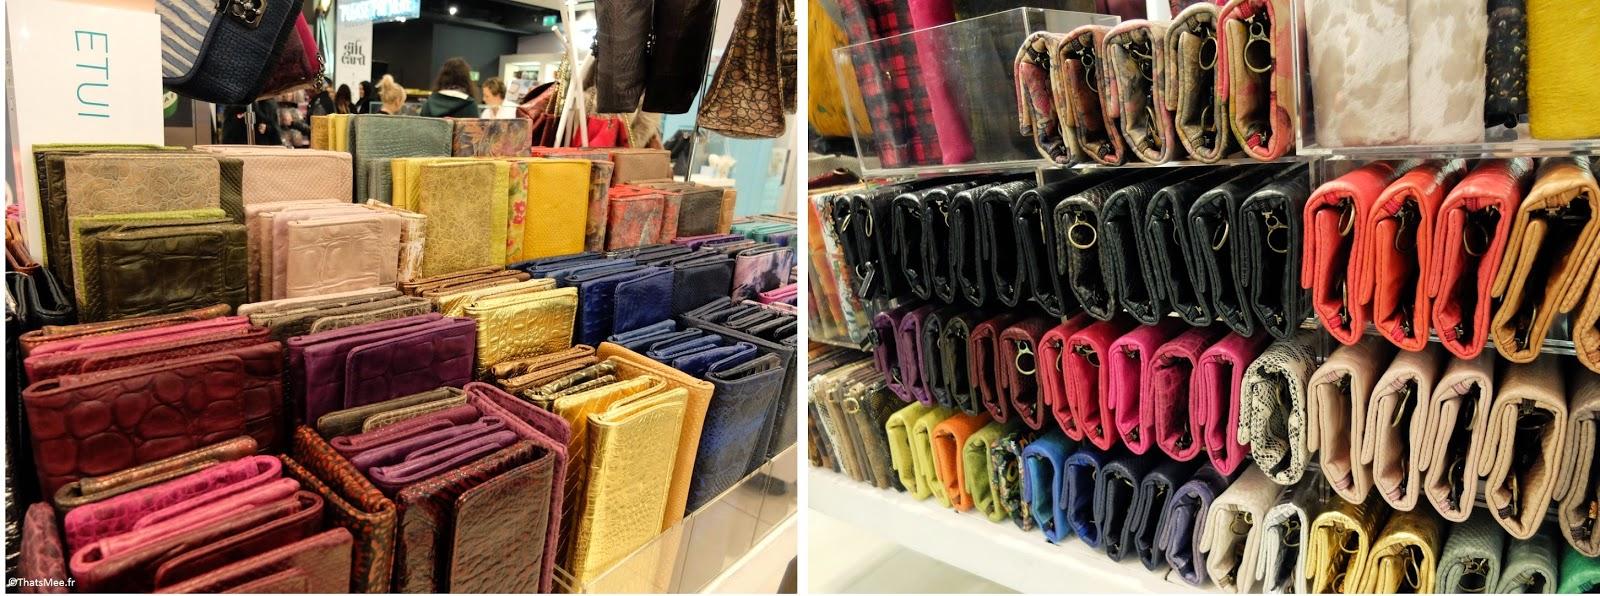 Maroquinerie Topshop Londres portefeuilles toutes les couleurs porte-monnaies